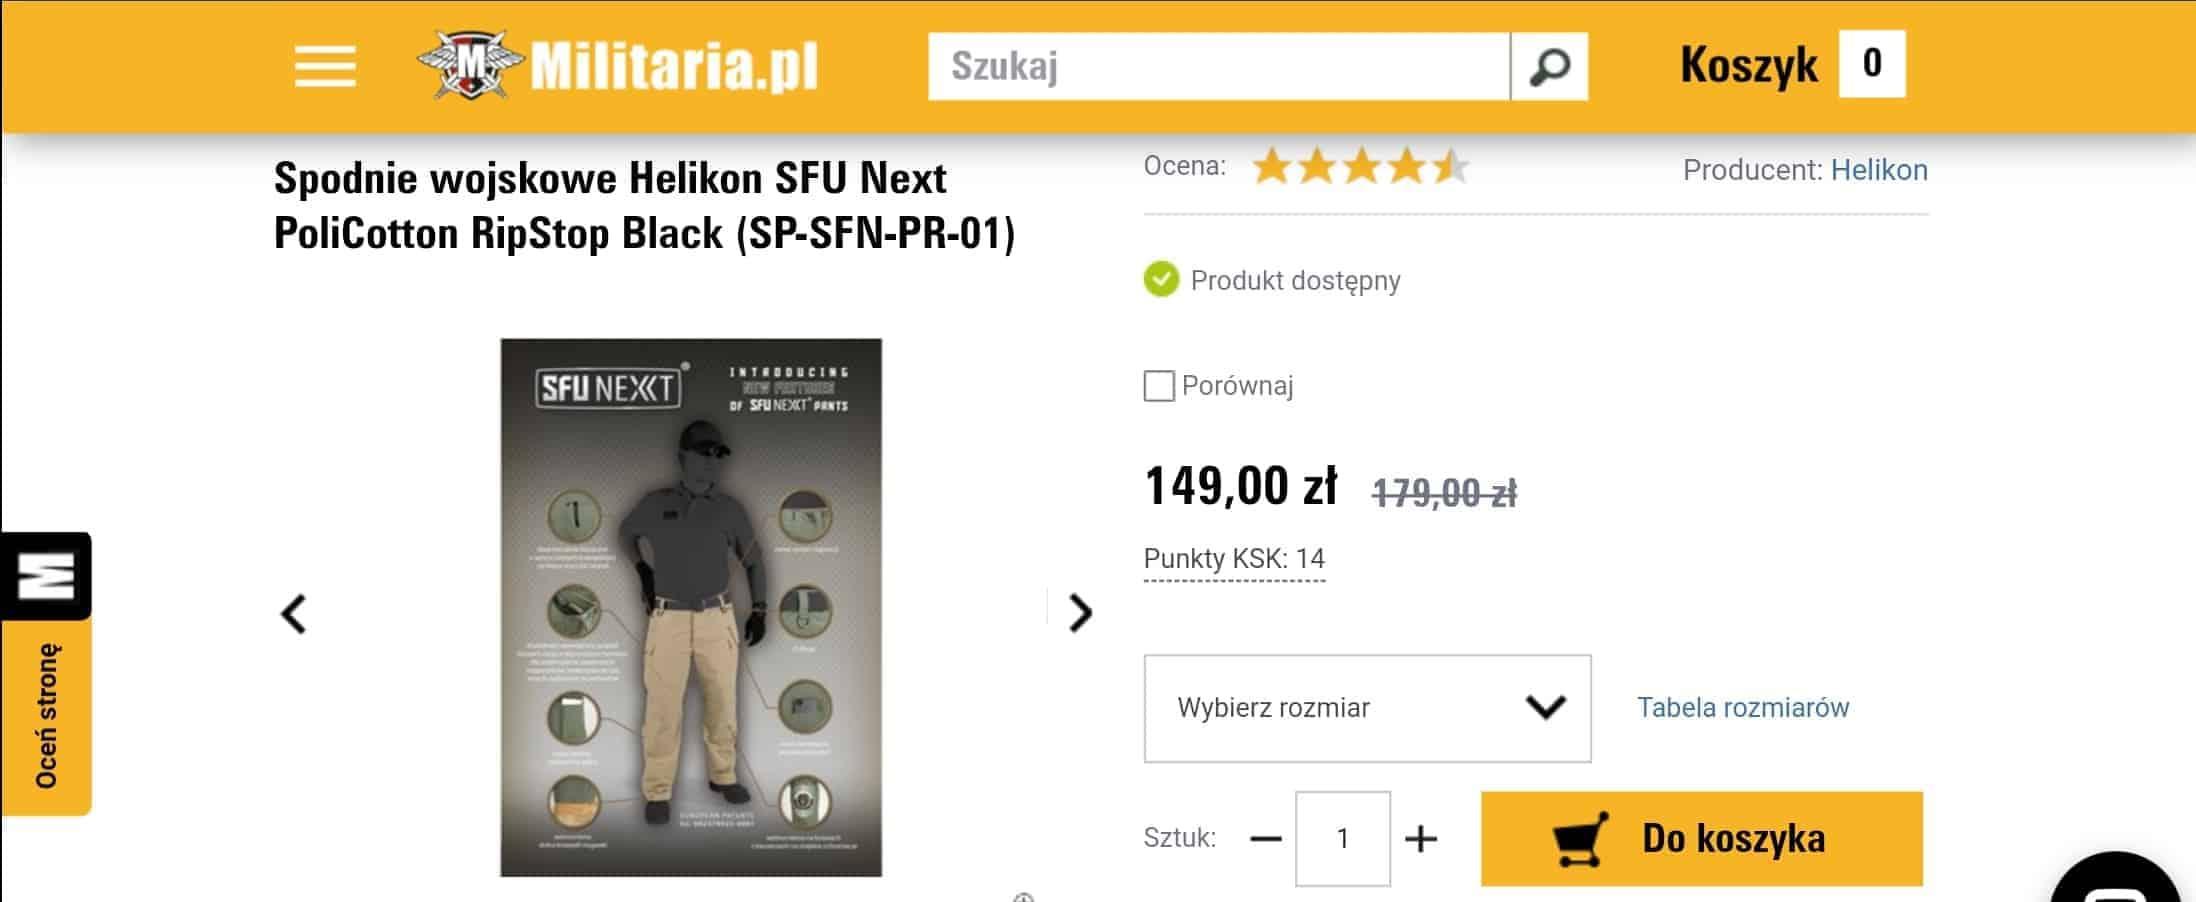 Militaria Spodnie wojskowe sklep online